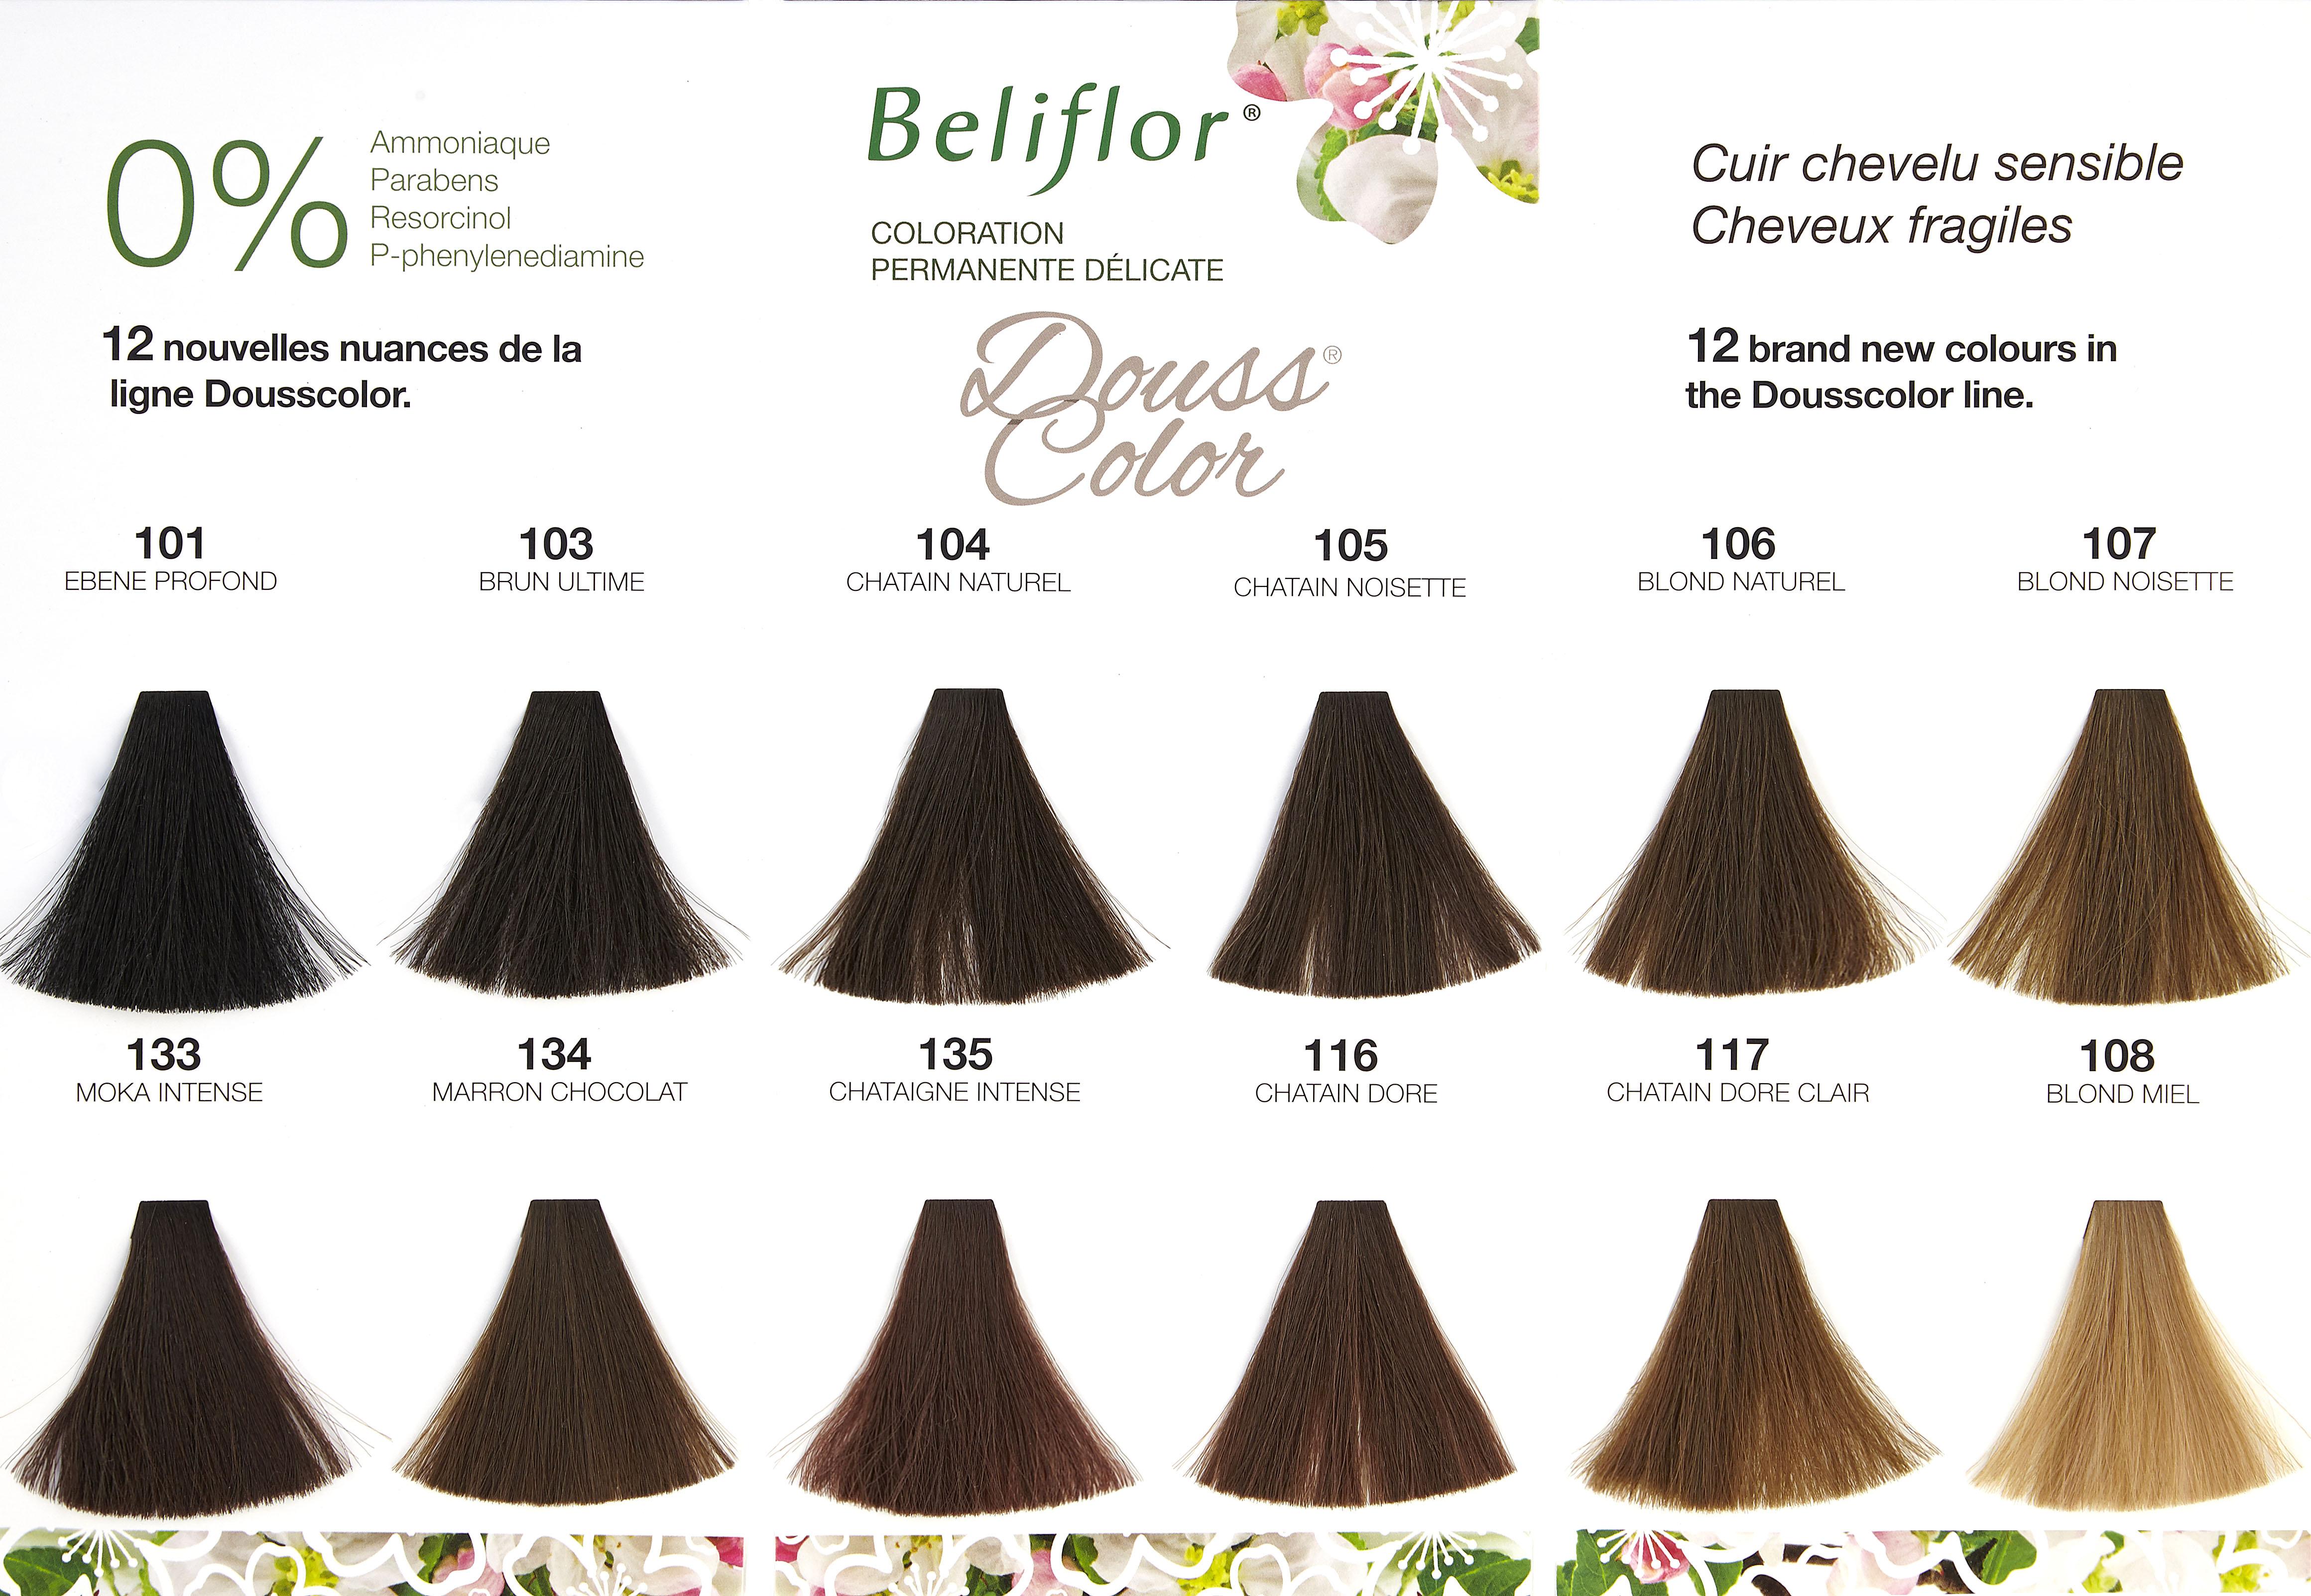 Dousscolor 108 Blond Miel Coloration Douce Beliflor